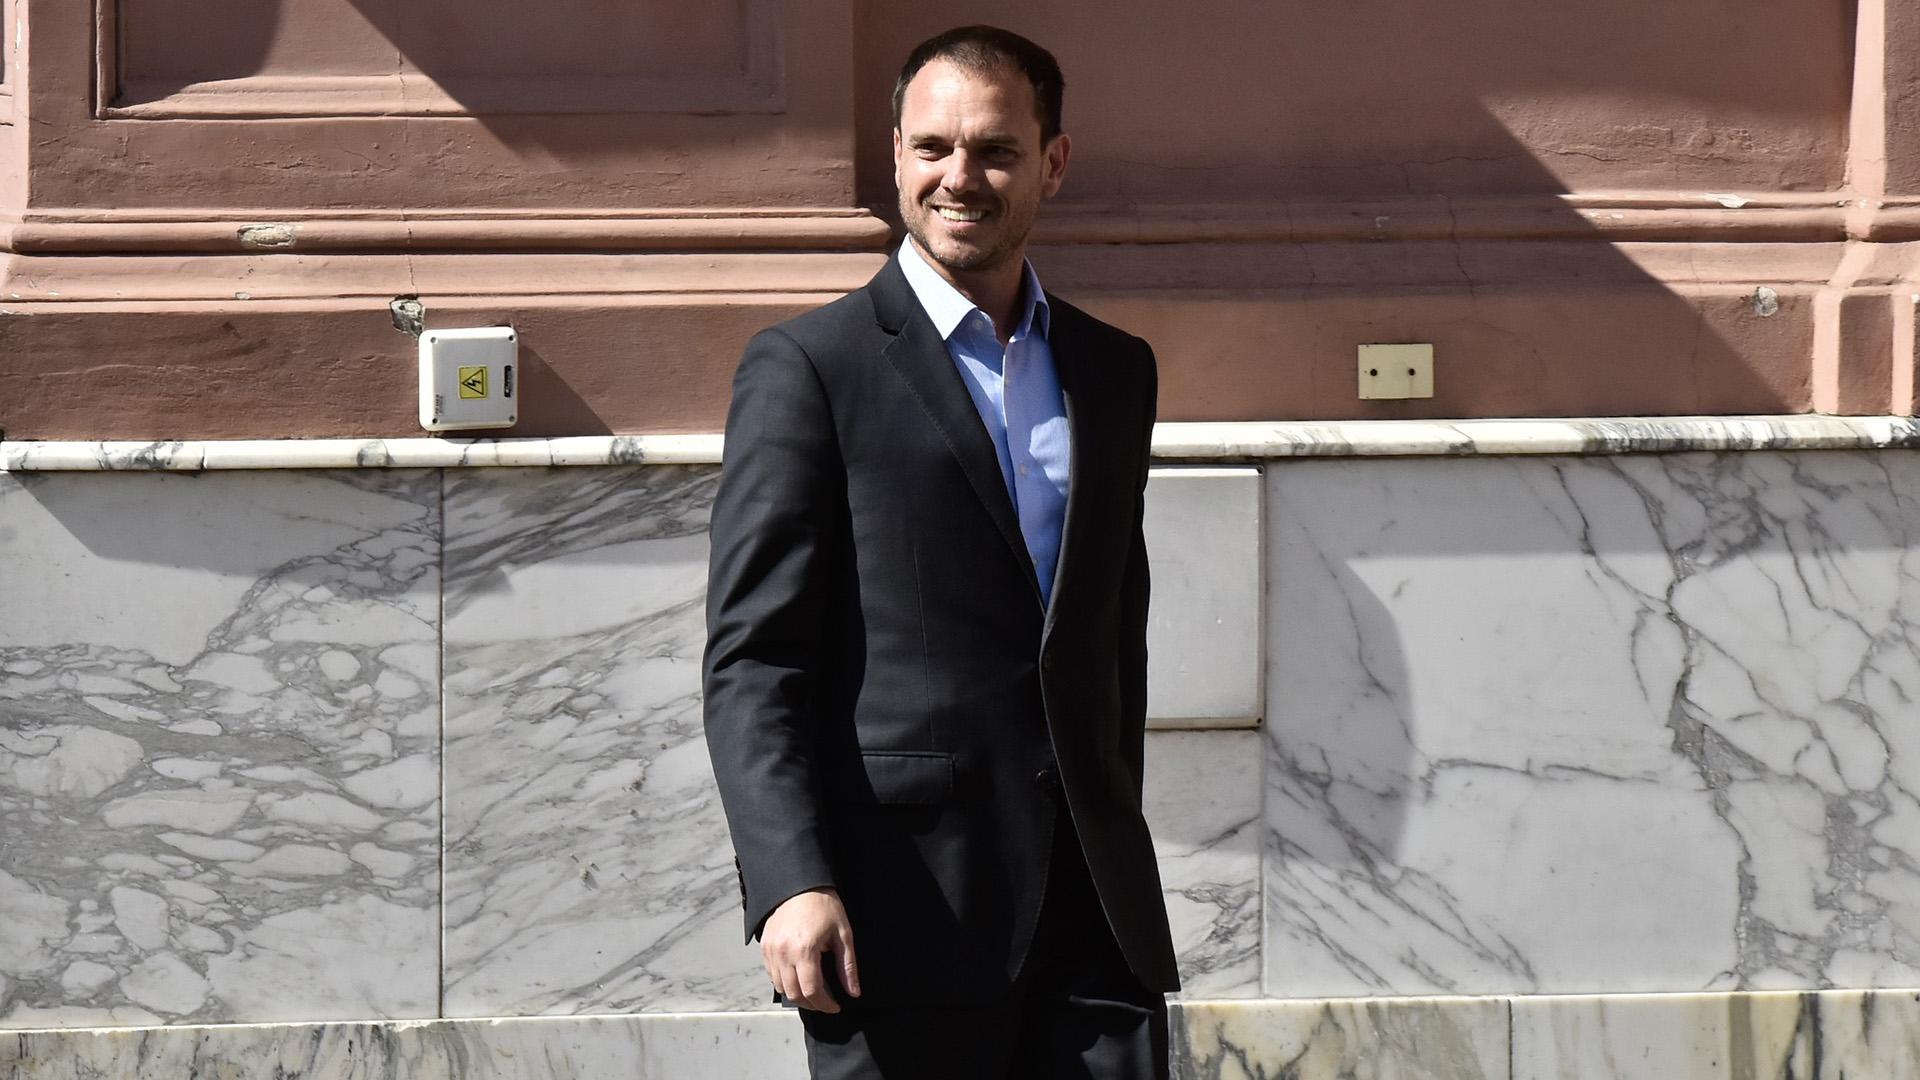 Sánchez, el encargado de convencer senadores para aprobar o modificar la ley. Viene demorado.